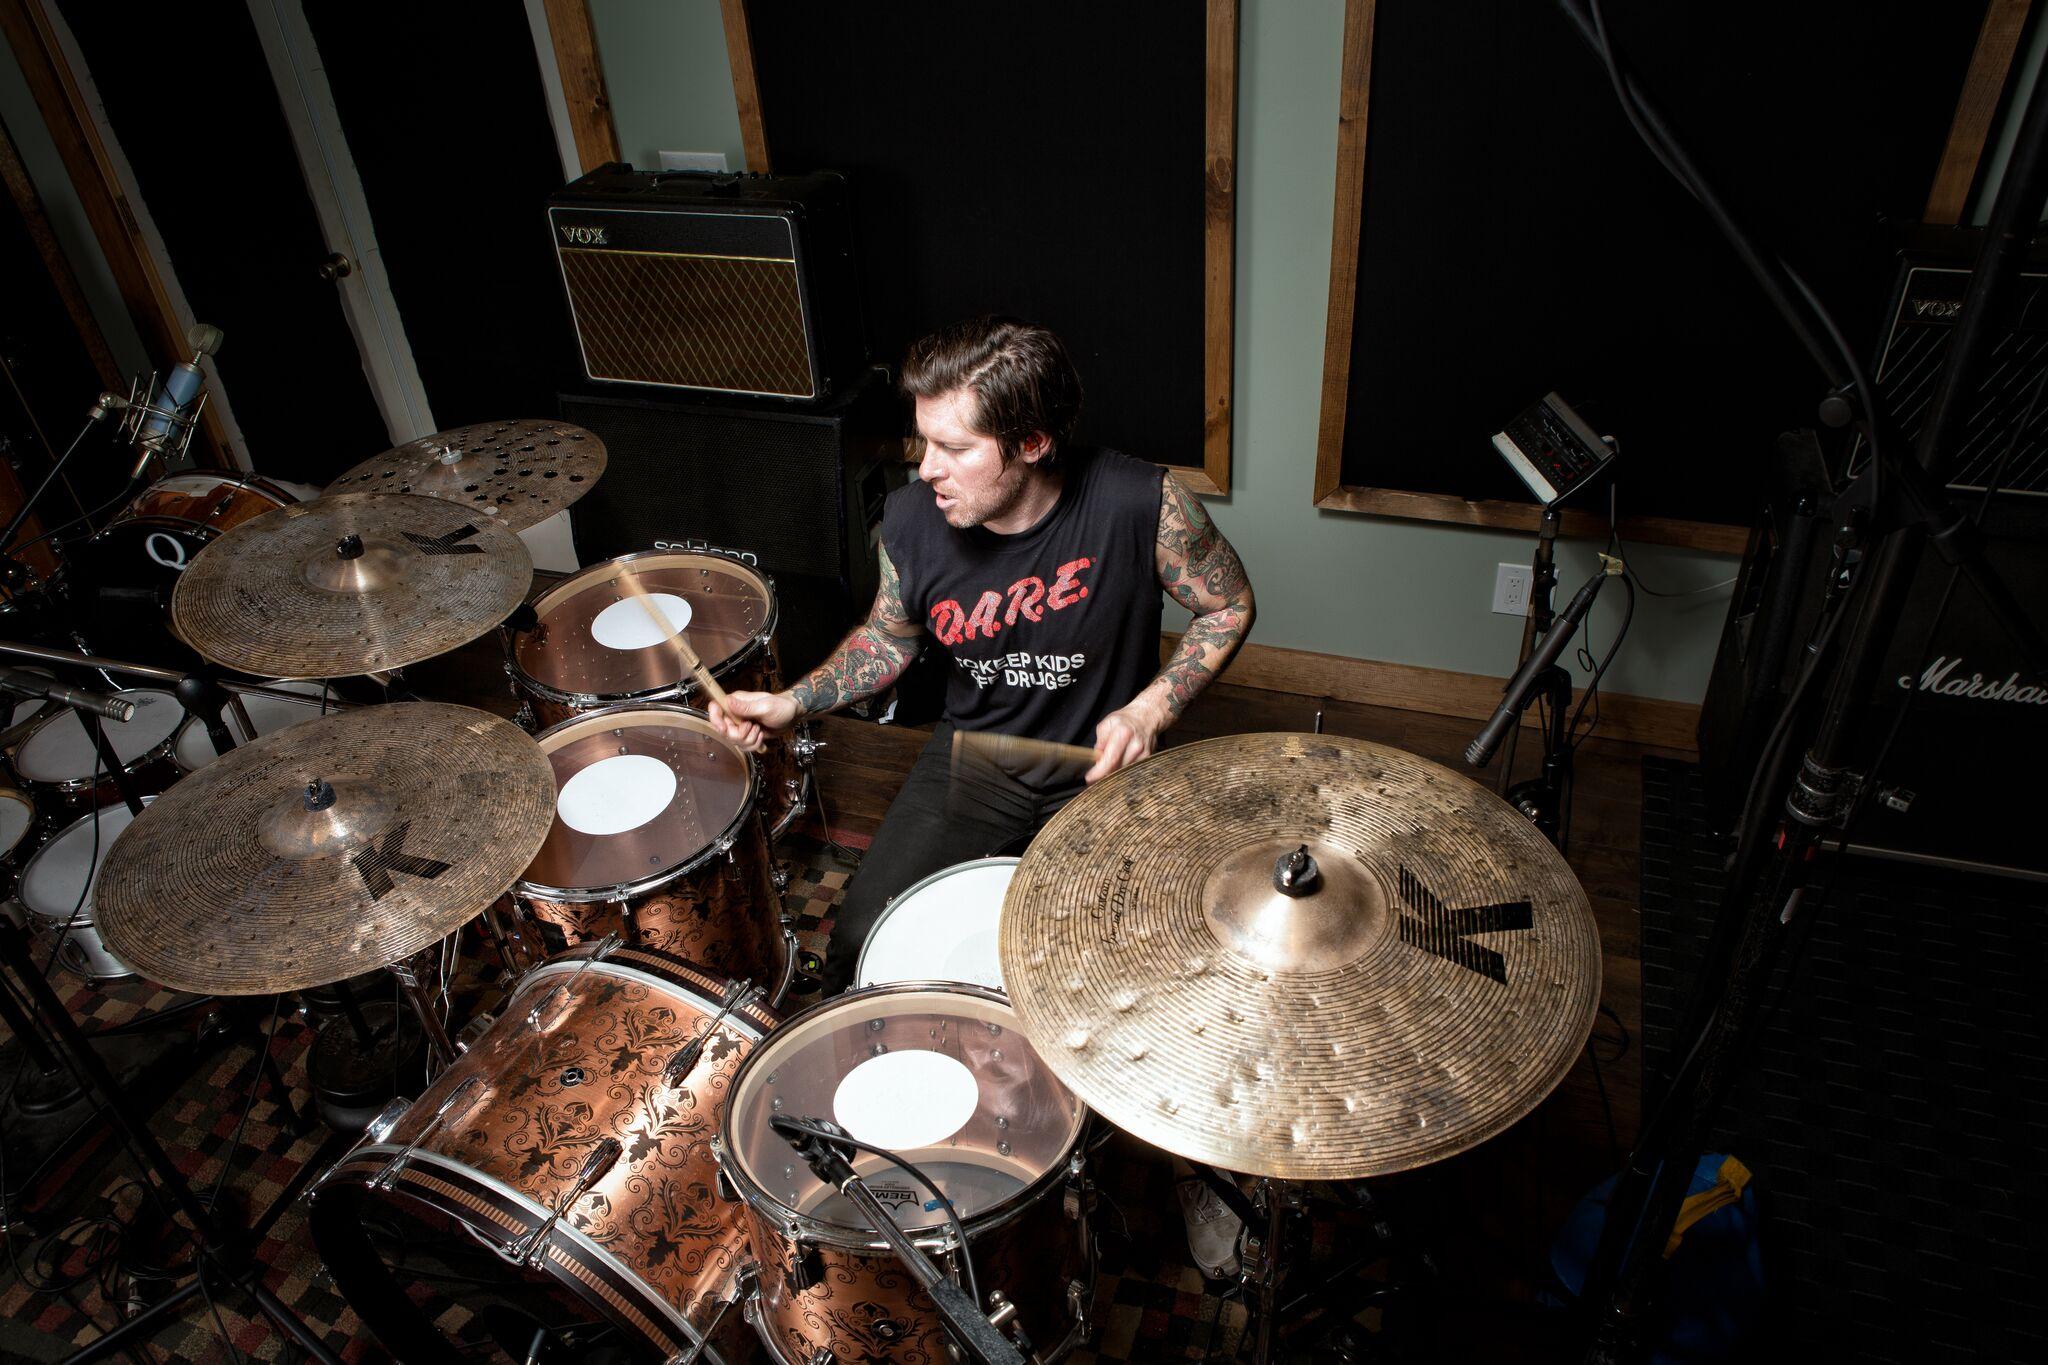 tucker rule 180 drums drummer new york